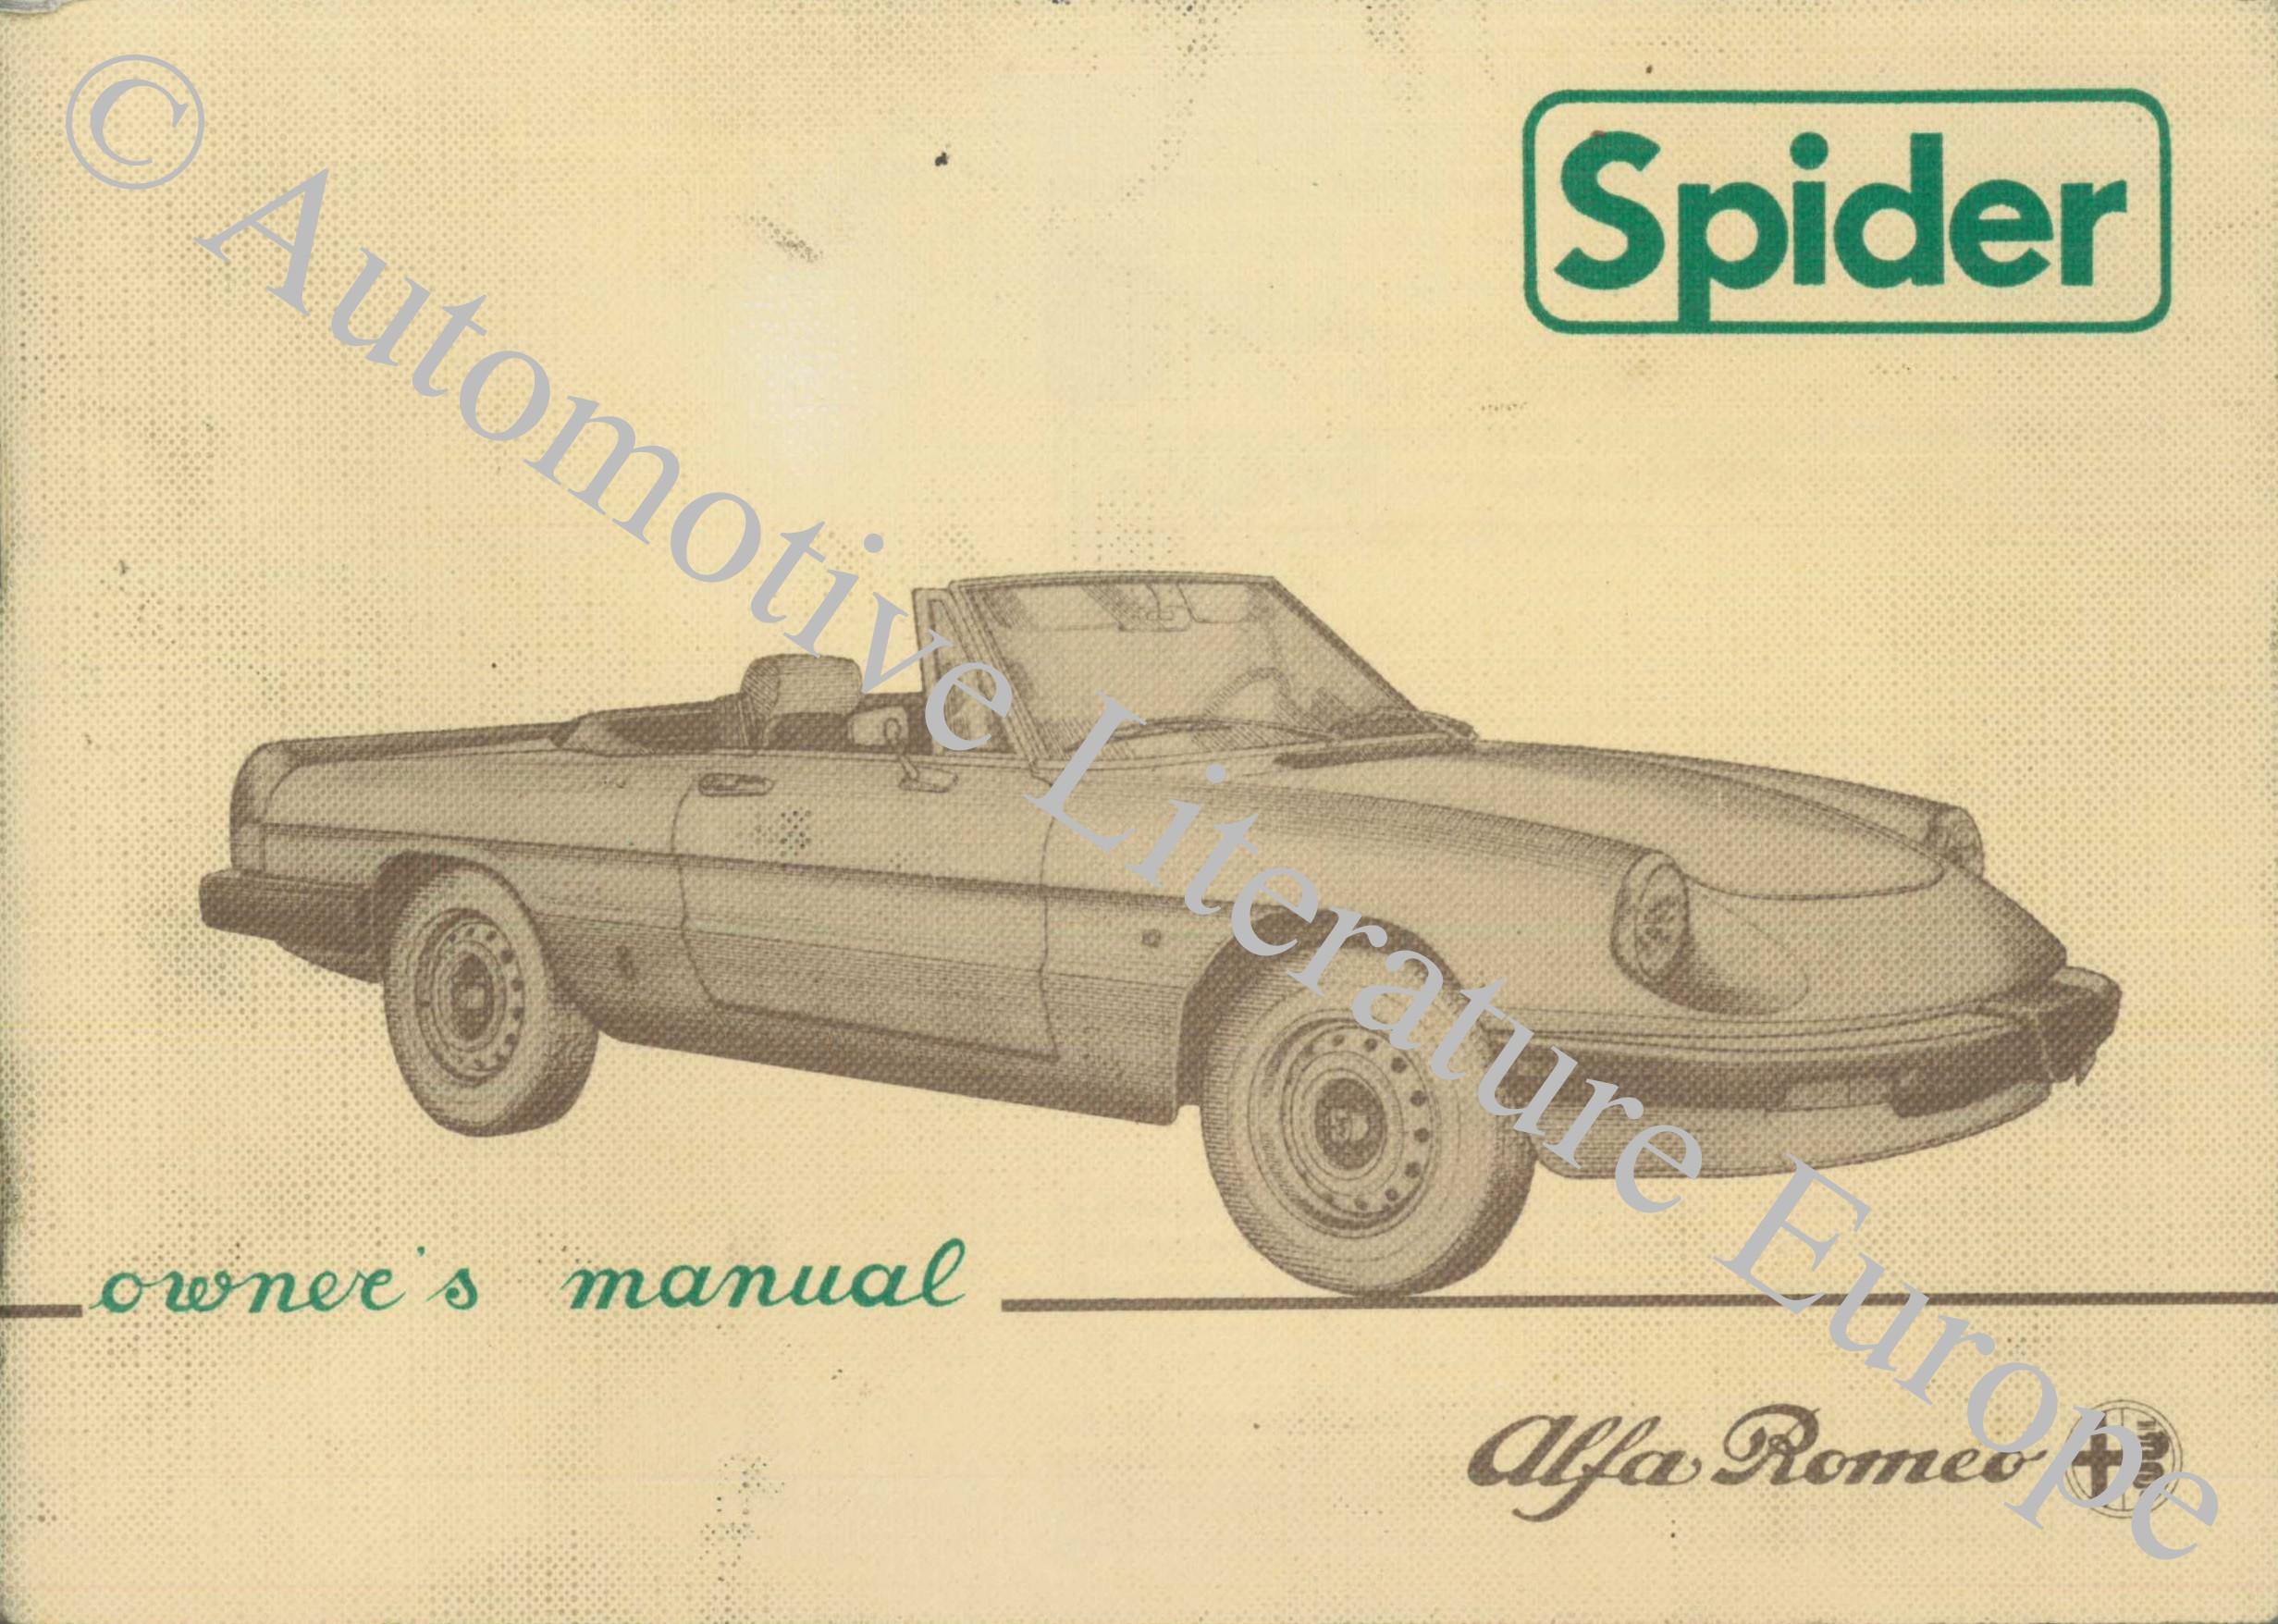 1984 alfa romeo spider owners manual handbook english1984 alfa romeo spider  owners manual handbook english jpg